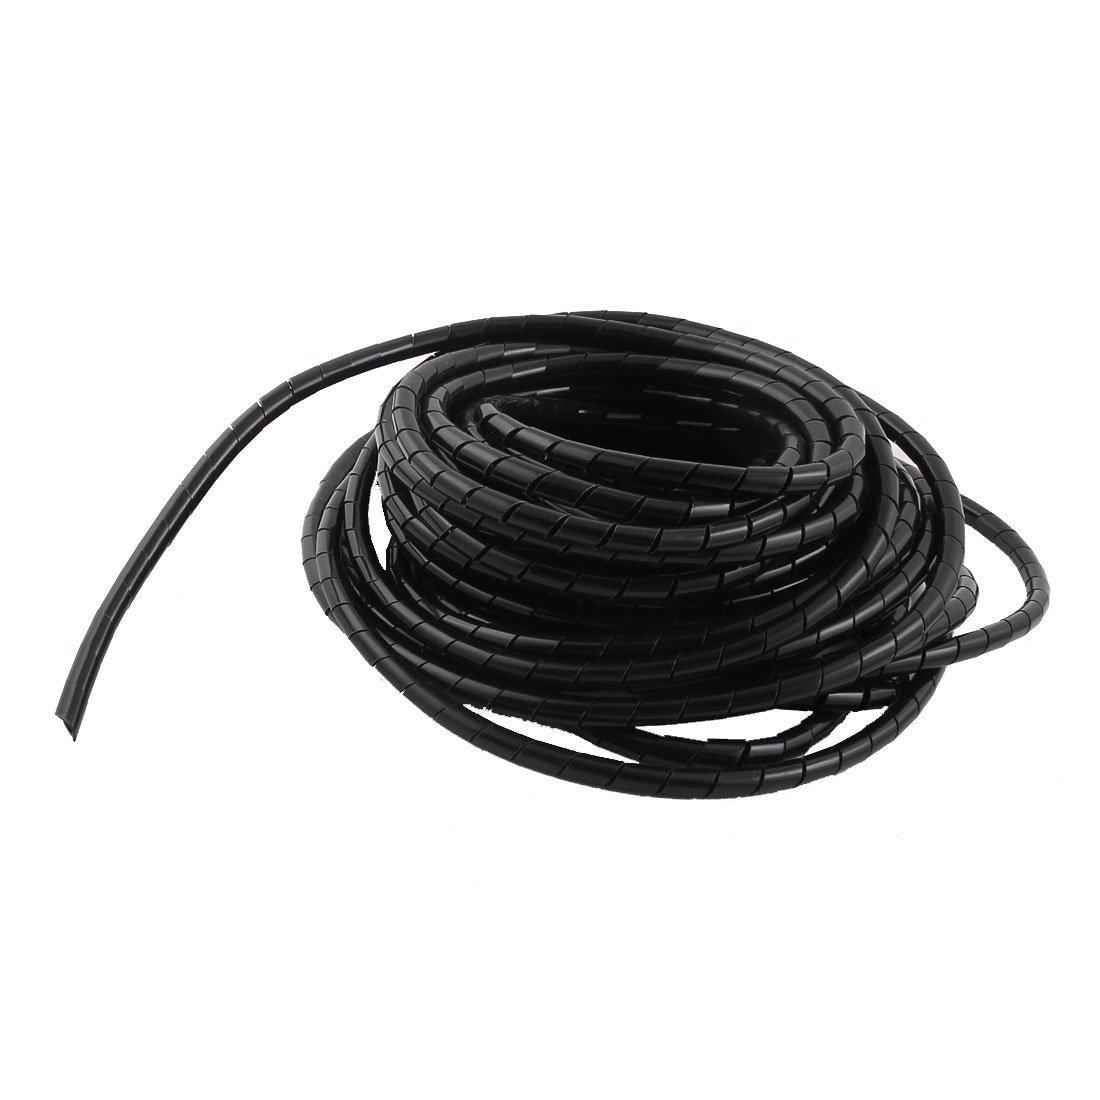 sourcingmap Polyéthylène Noir Enveloppe En Spirale Bande 6mm Gestionnaire De Câble 20m a14111200ux0503